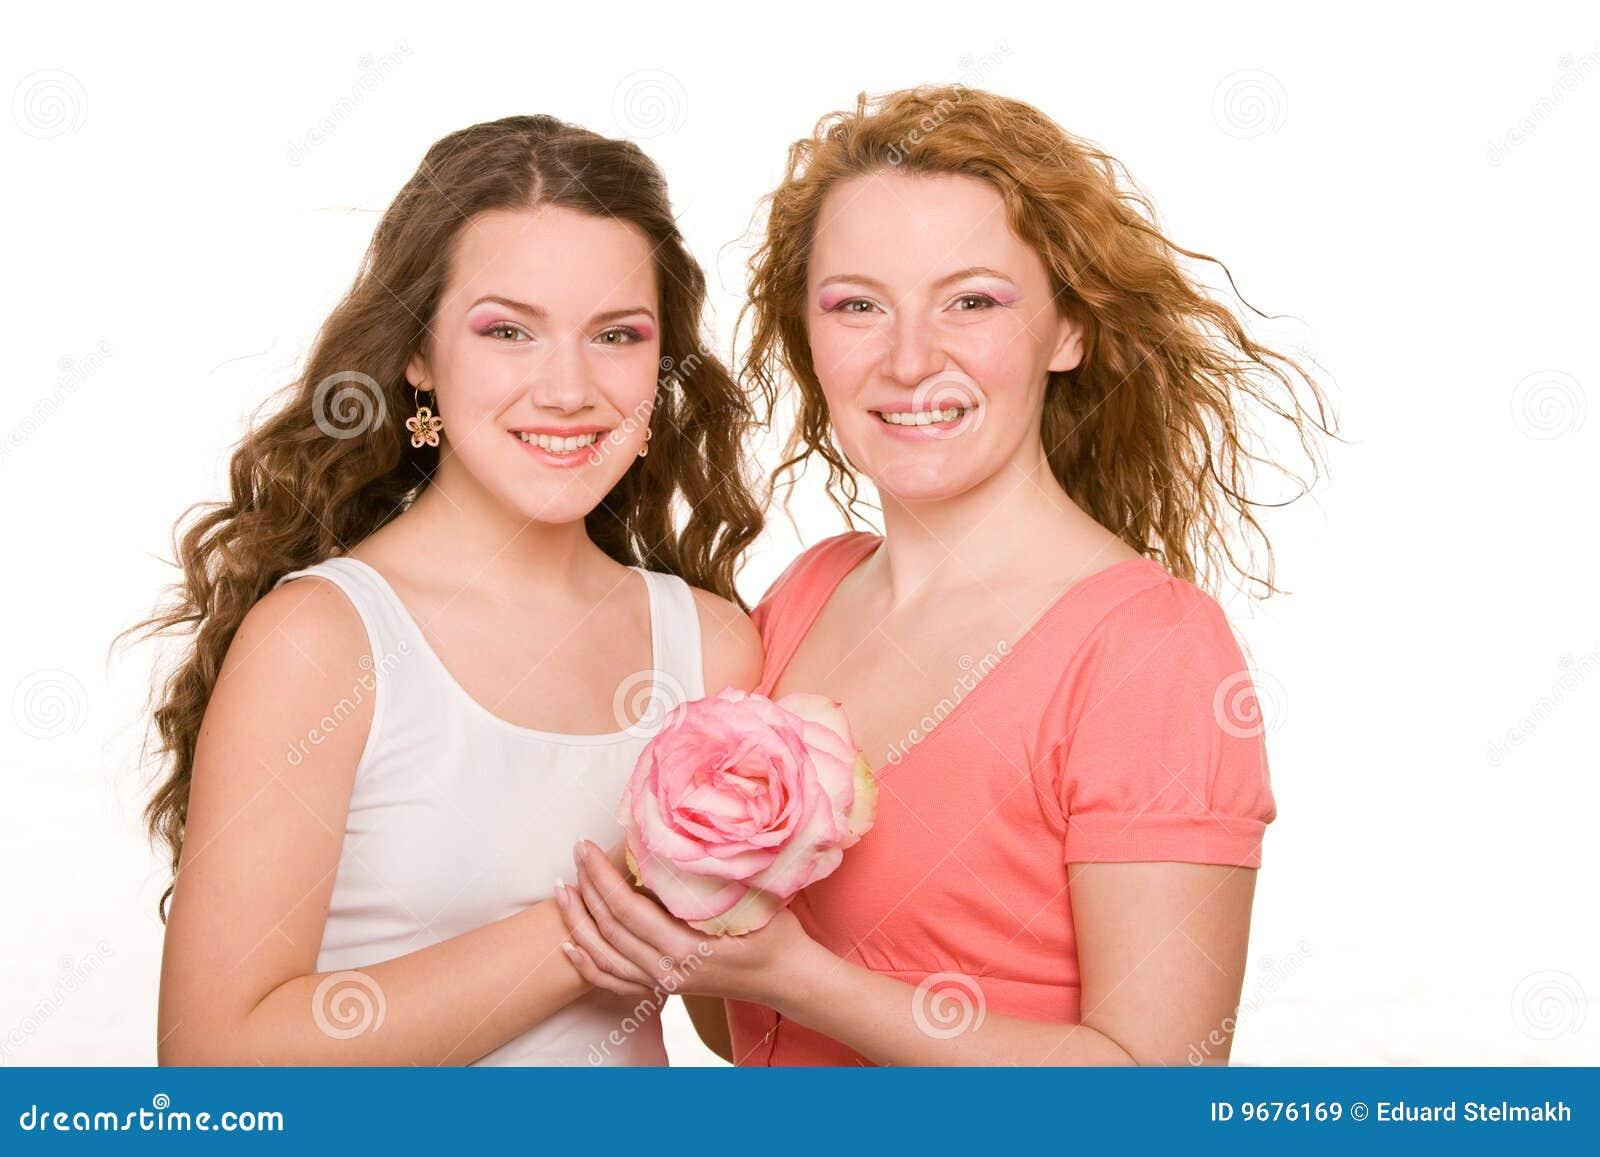 С красивой мамой друга 23 фотография